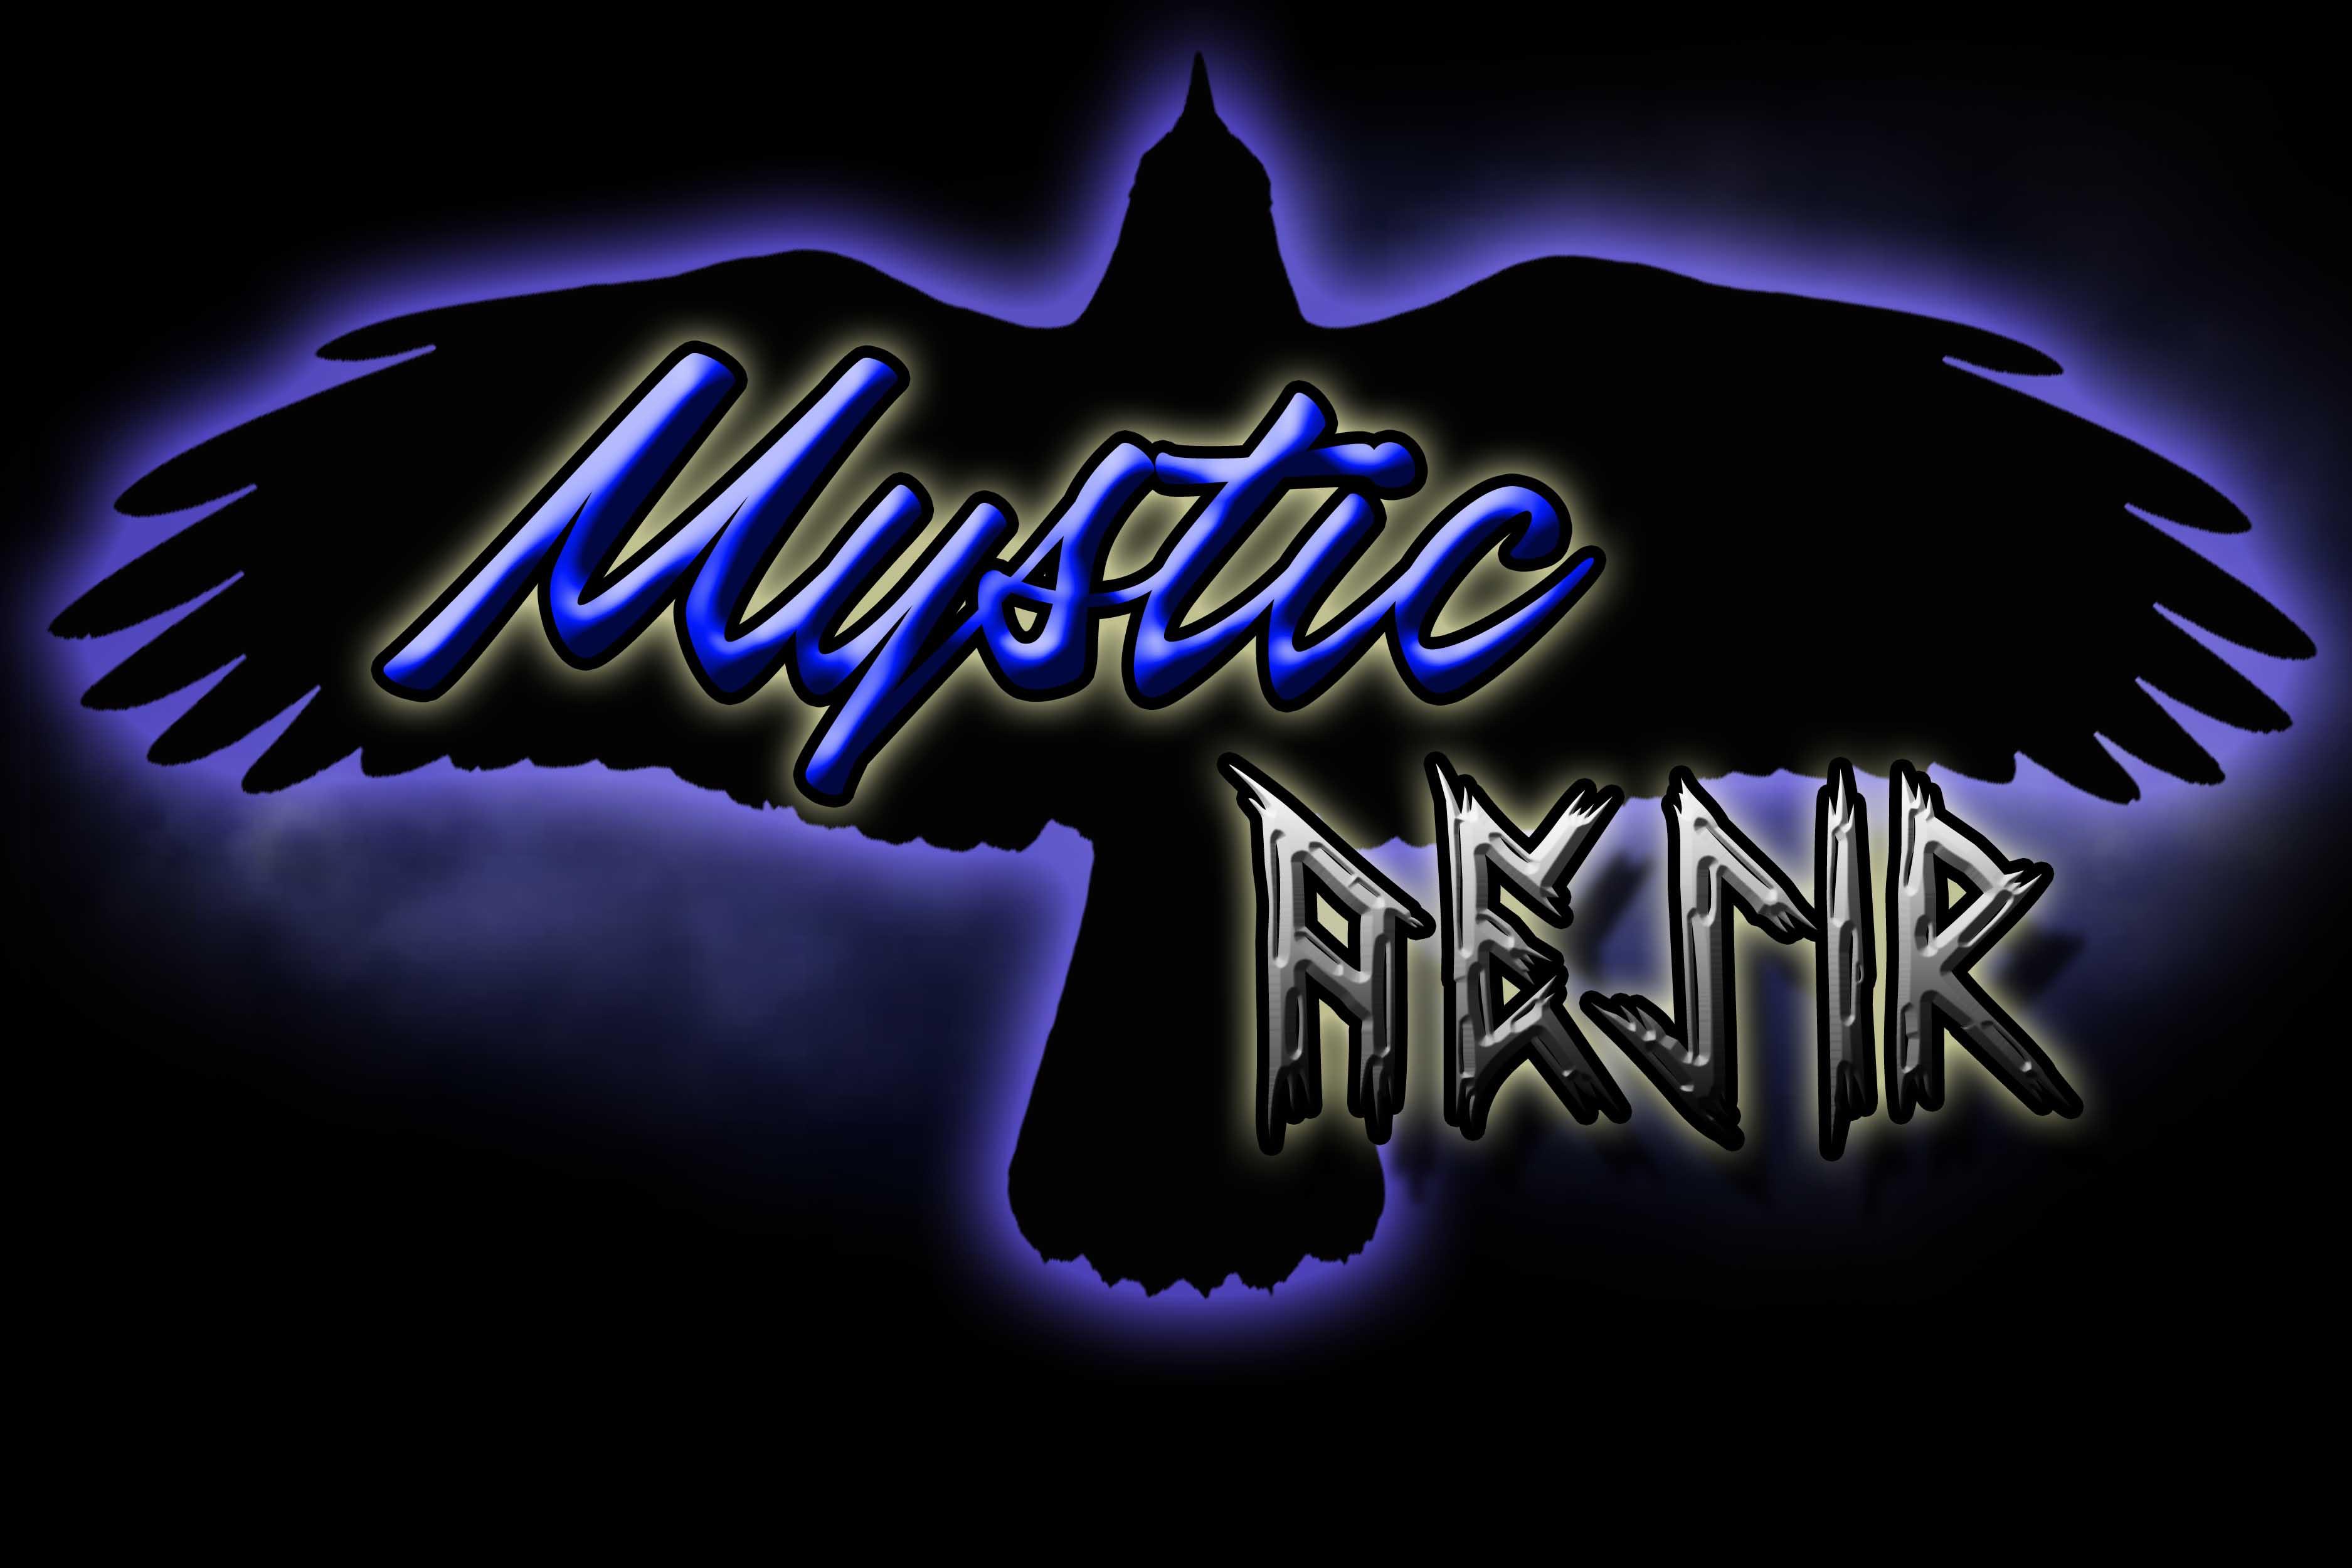 mysticaesir